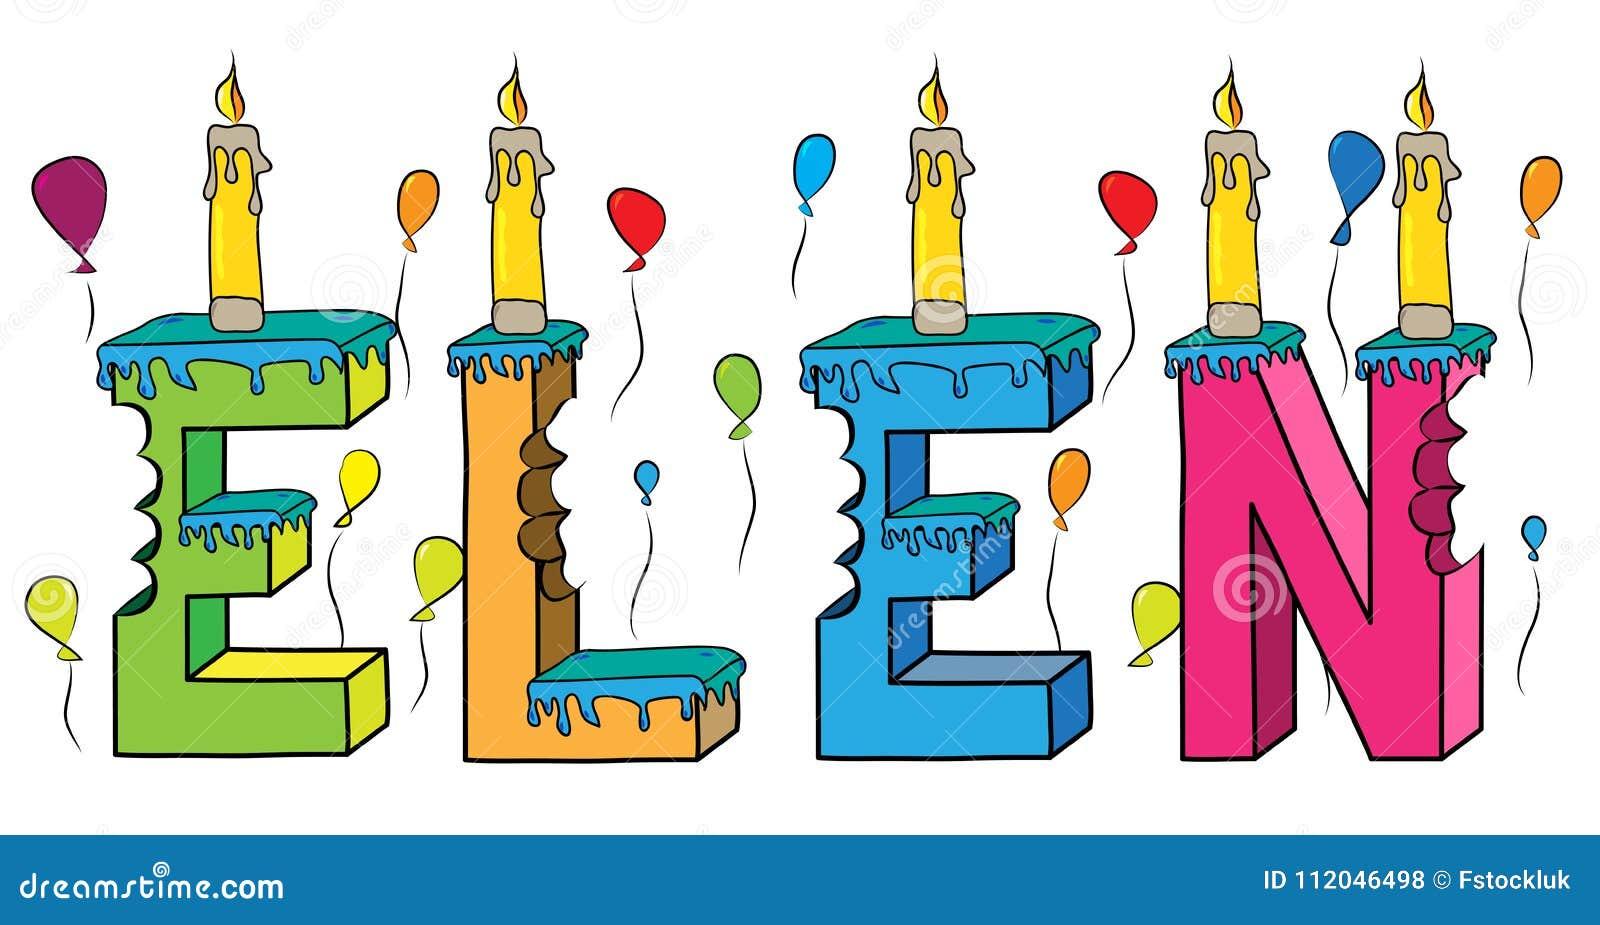 Bolo de aniversário colorido mordido da rotulação 3d de Elen nome fêmea com velas e balões